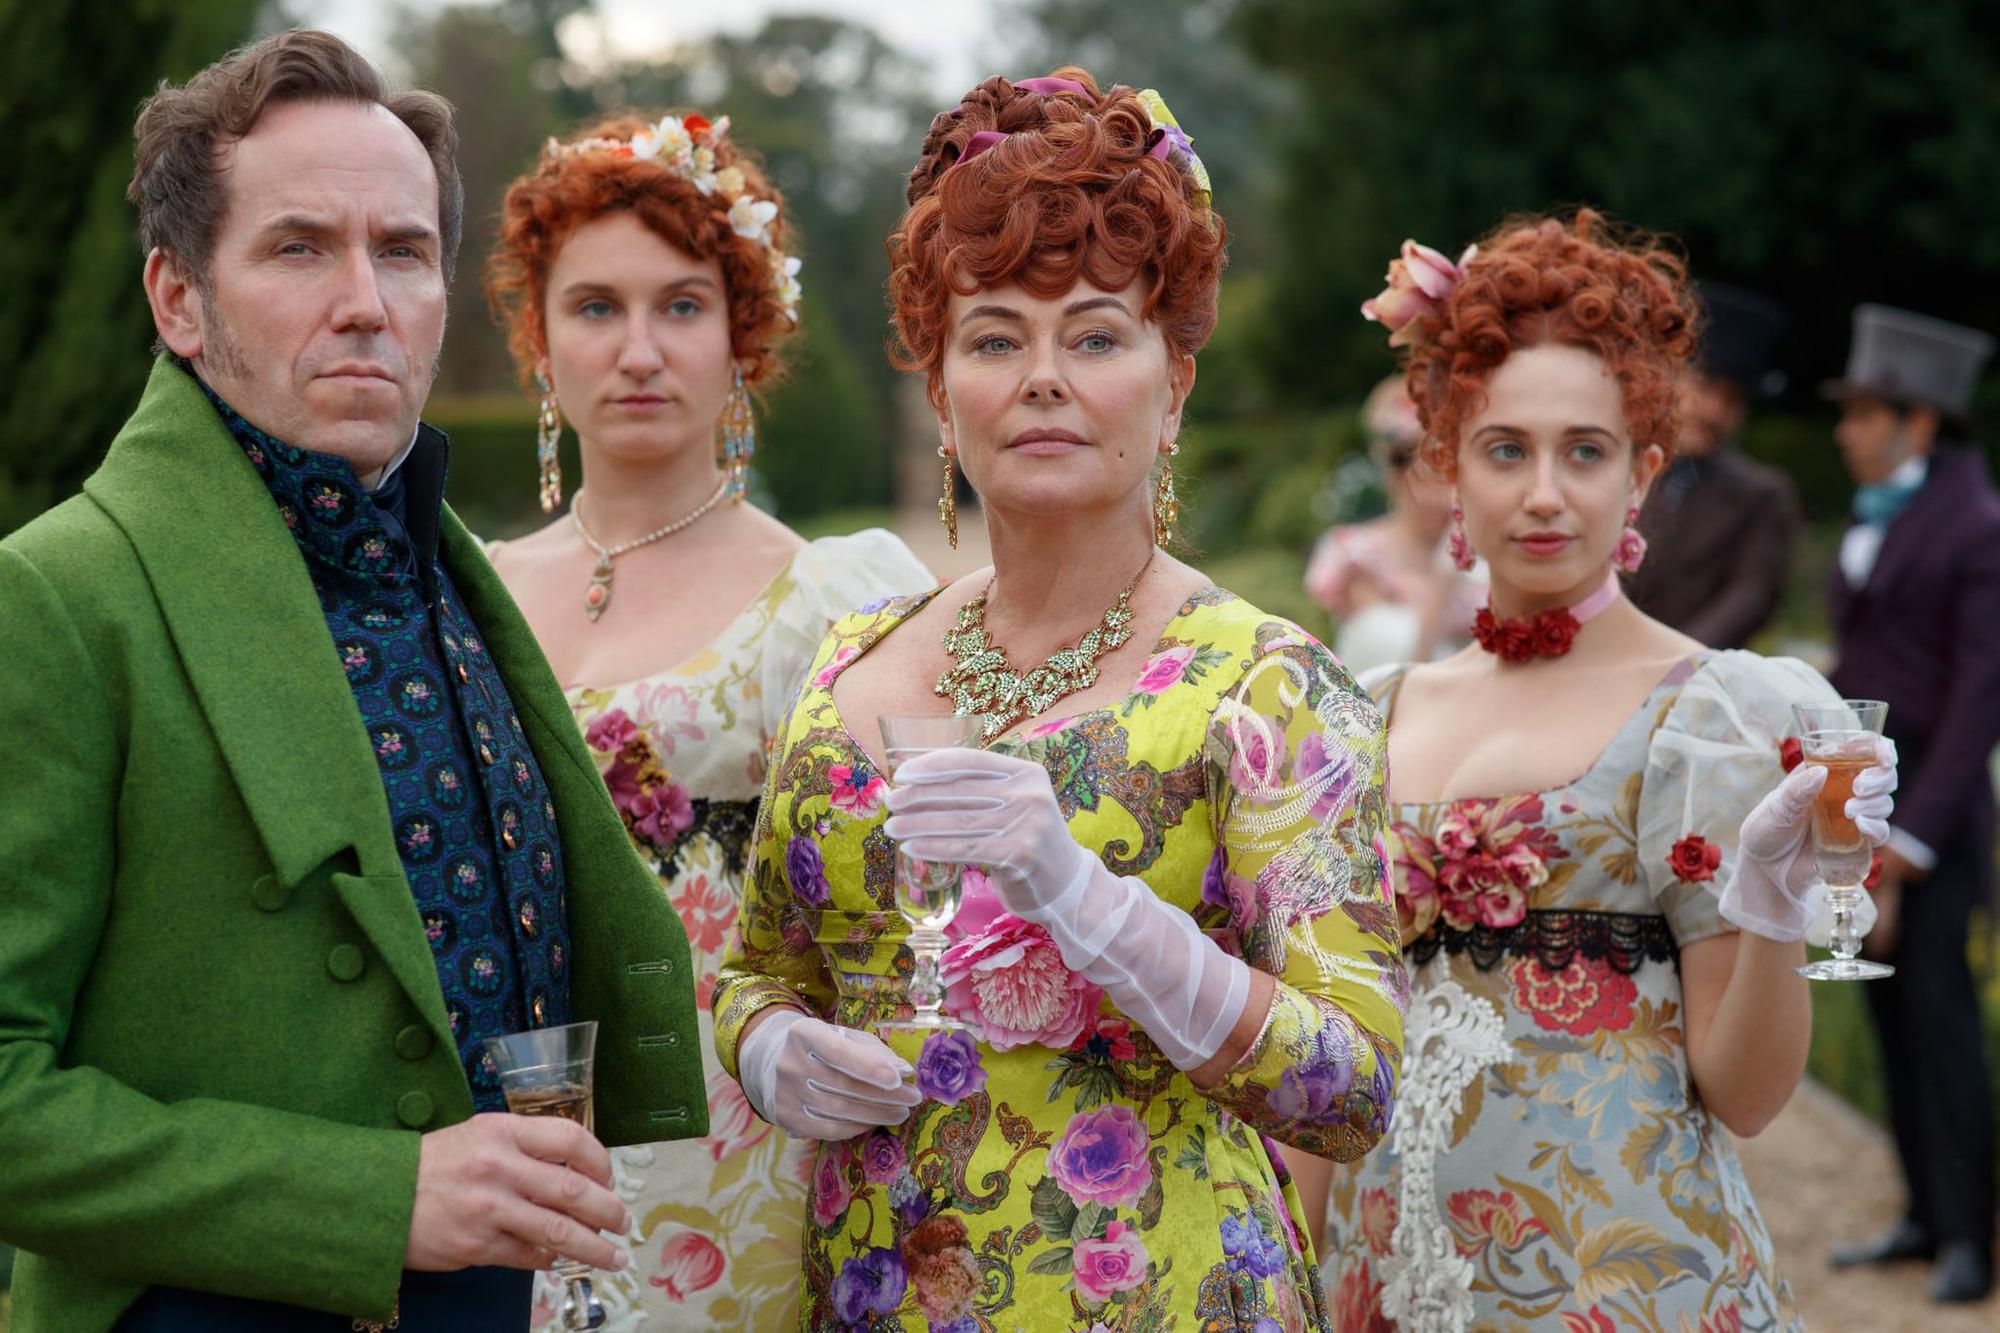 """Đằng sau những bộ trang sức trong phim """"Bridgerton"""" khiến khán giả ngỡ ngàng - Ảnh 3."""